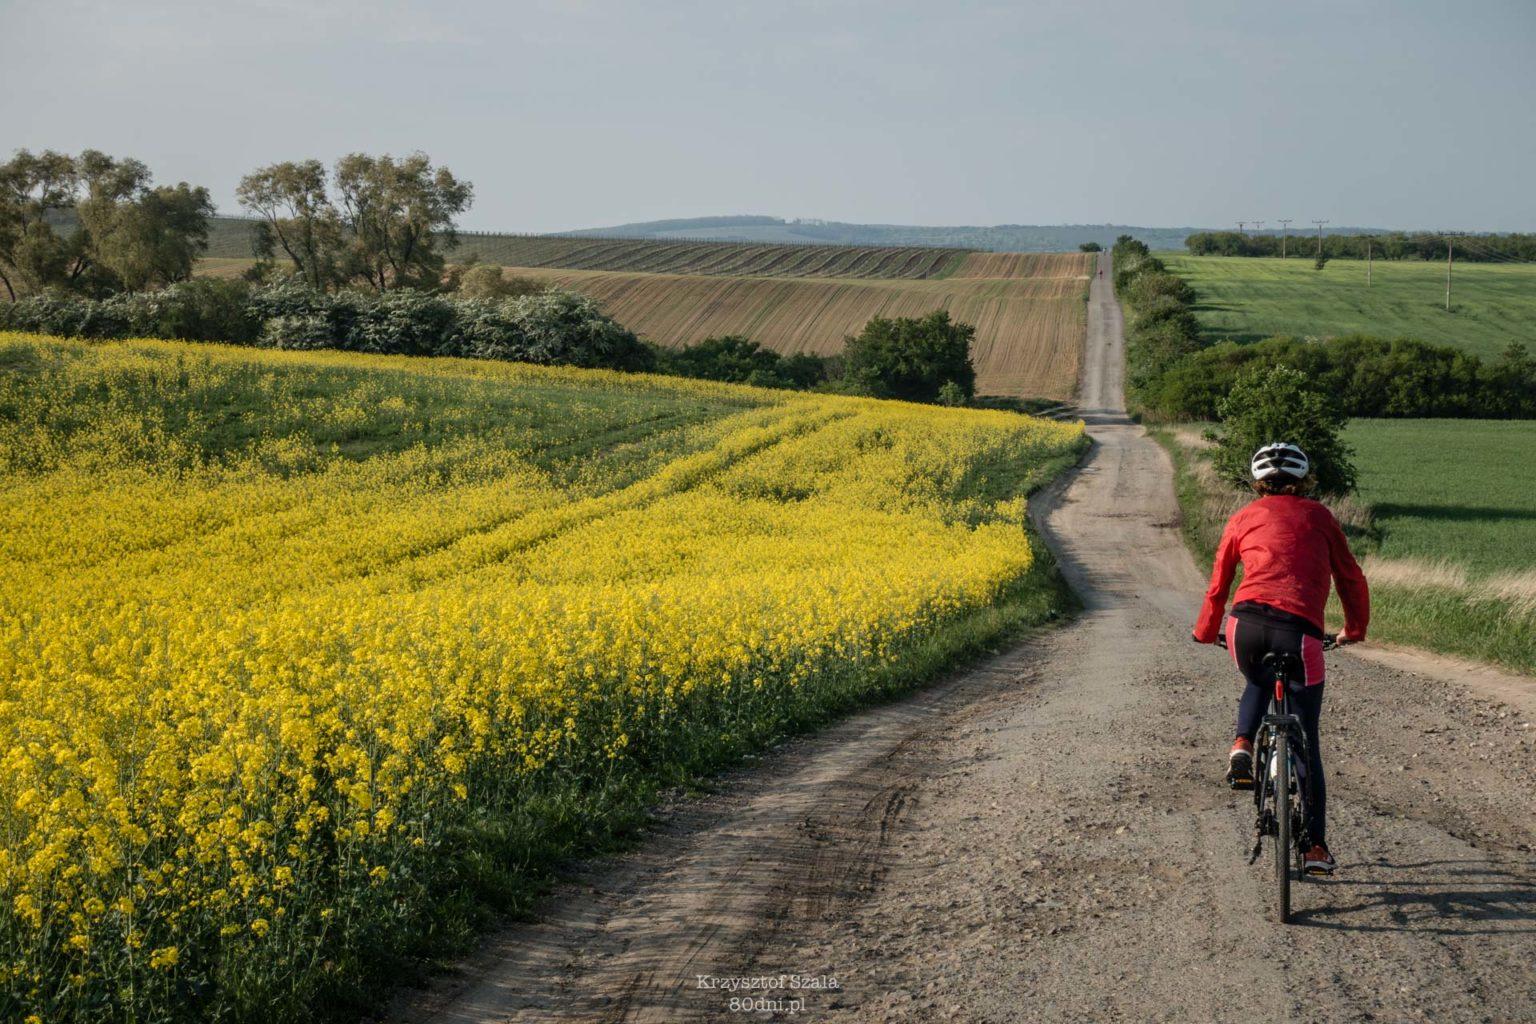 Ukształtowanie terenu nie zawsze sprzyja rowerzystom. Sprzyja za to robieniu zdjęć!